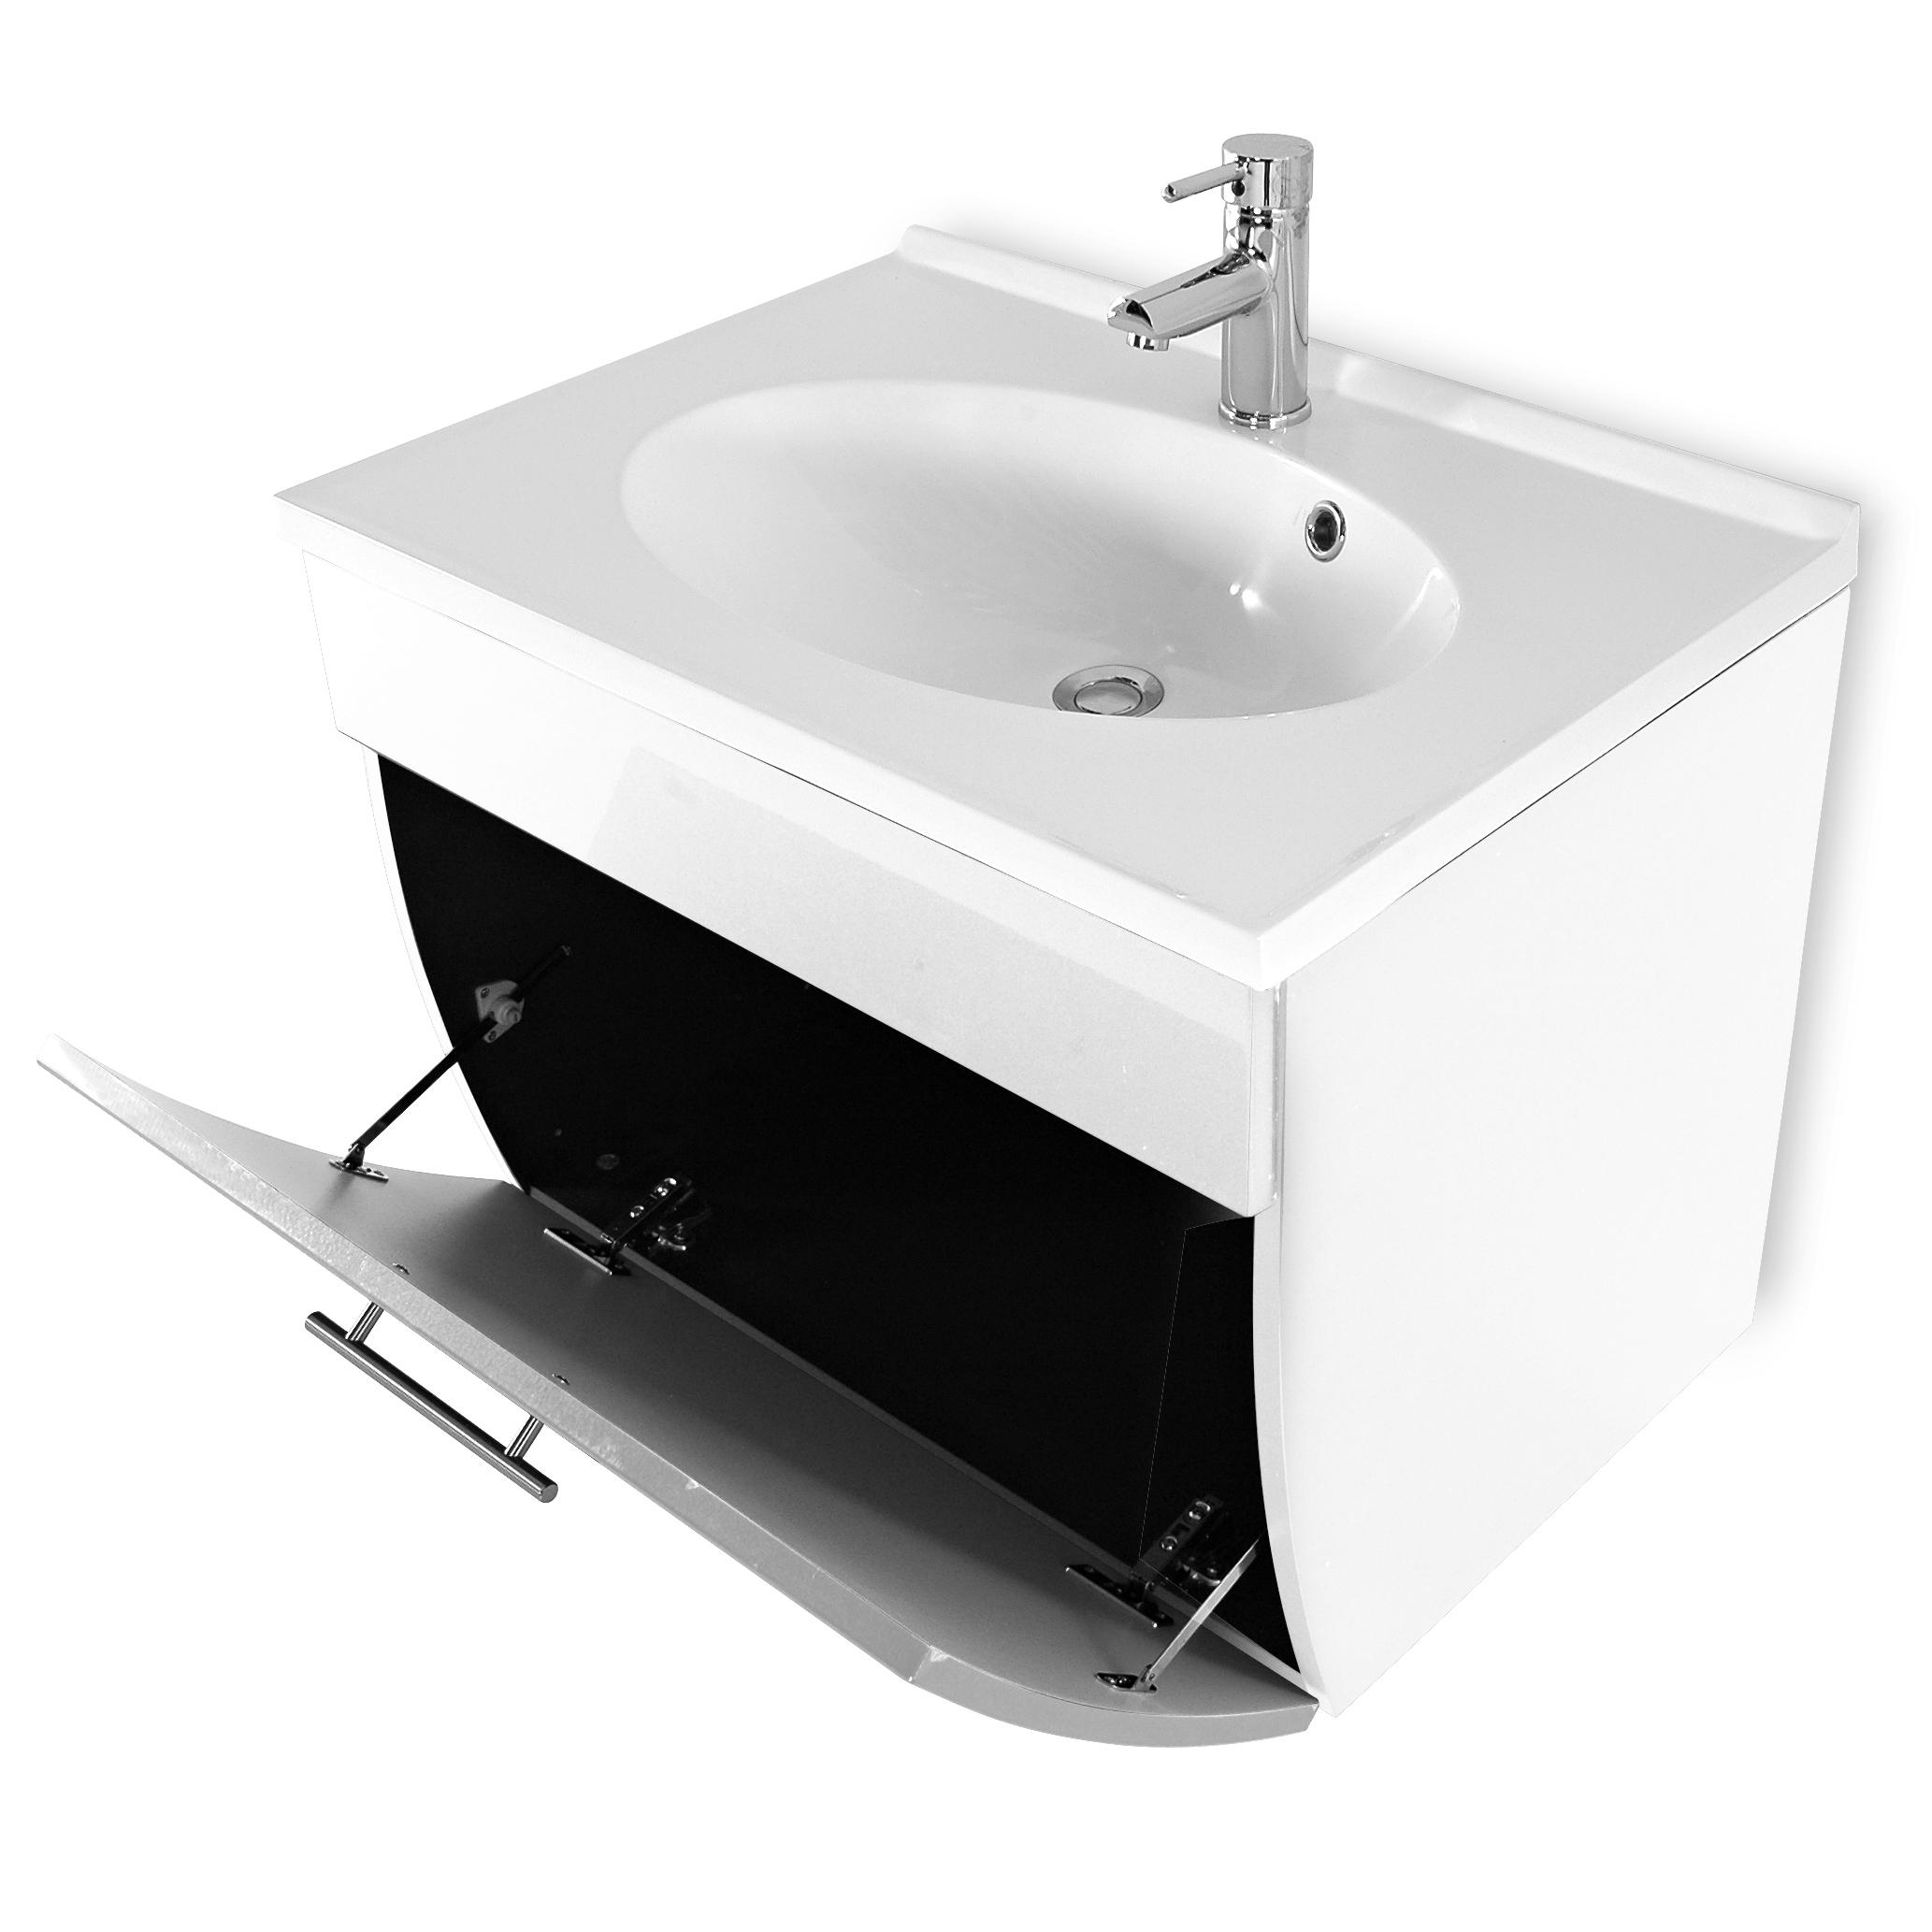 Sam badezimmer set santana 2tlg wei 70 cm beckenauswahl for Badezimmer 70 cm